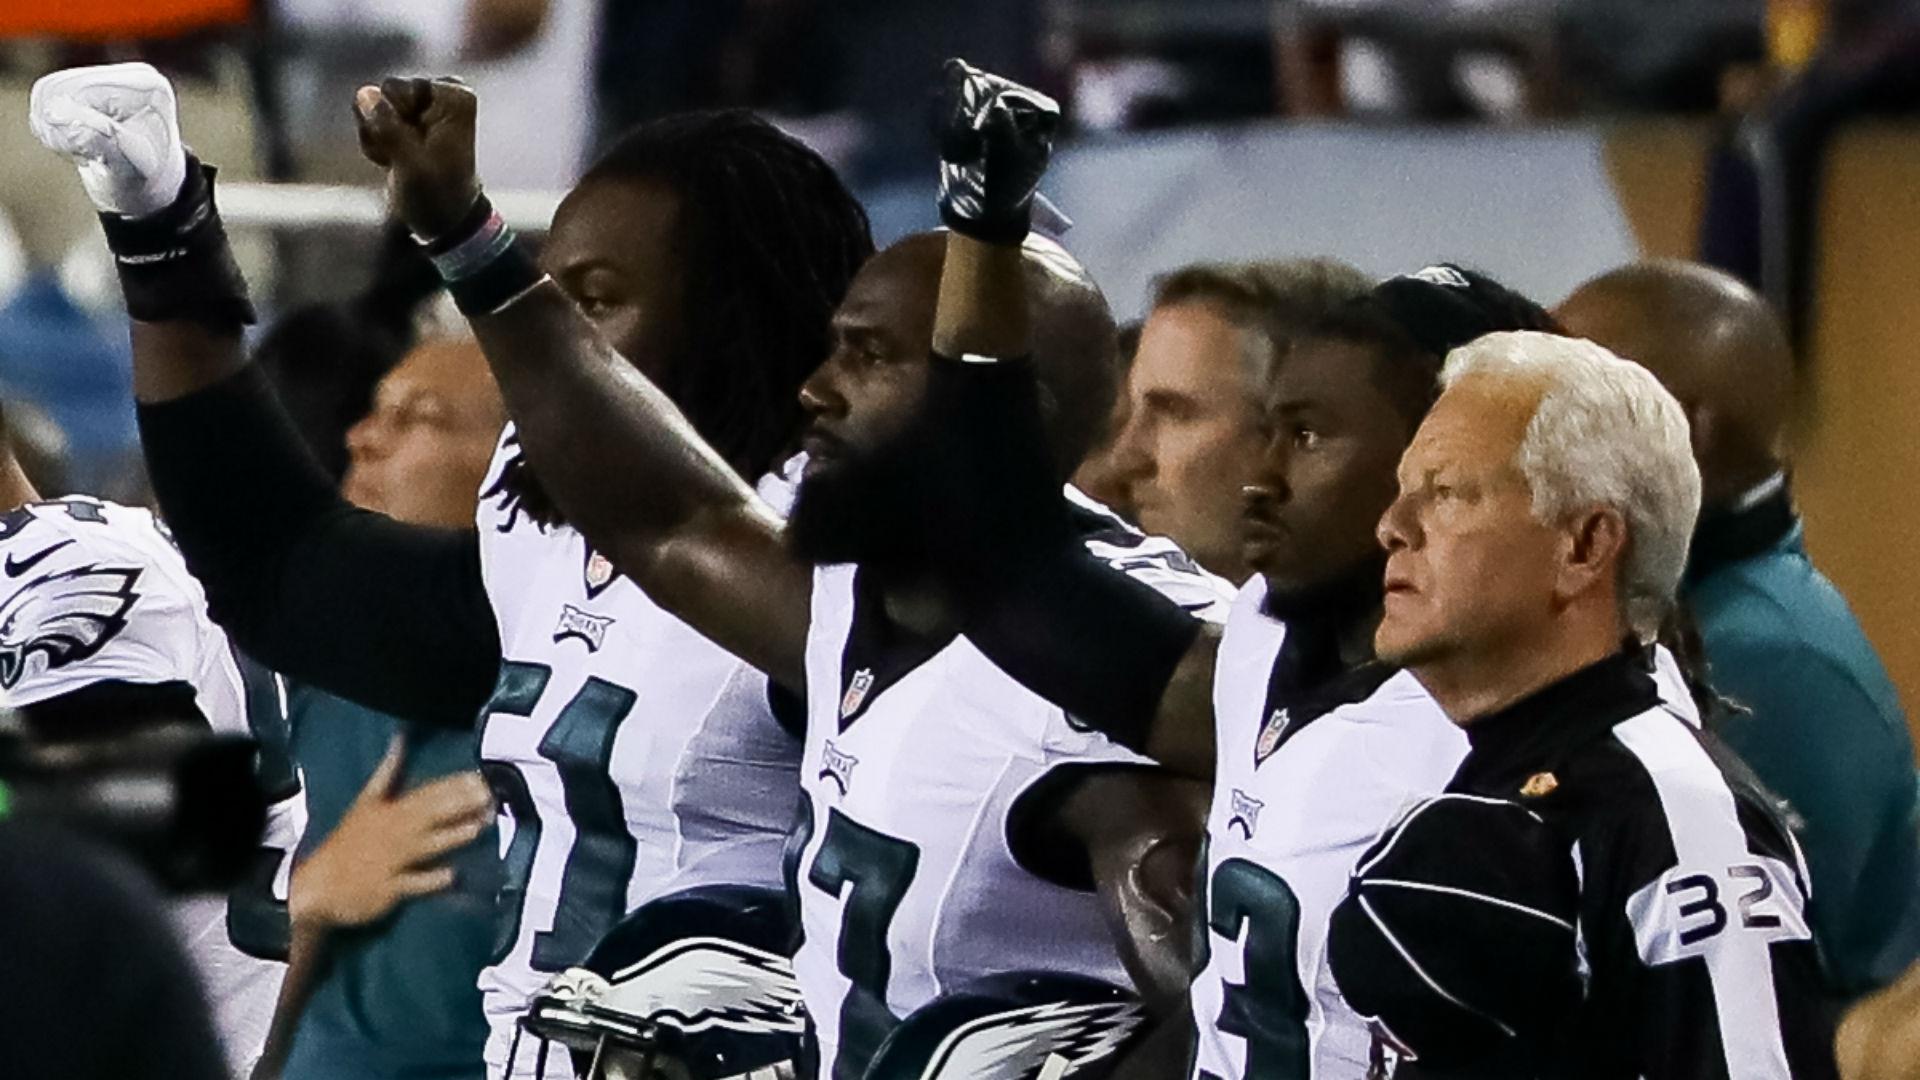 philadelphia-eagles-protest-ftr-092516.jpg